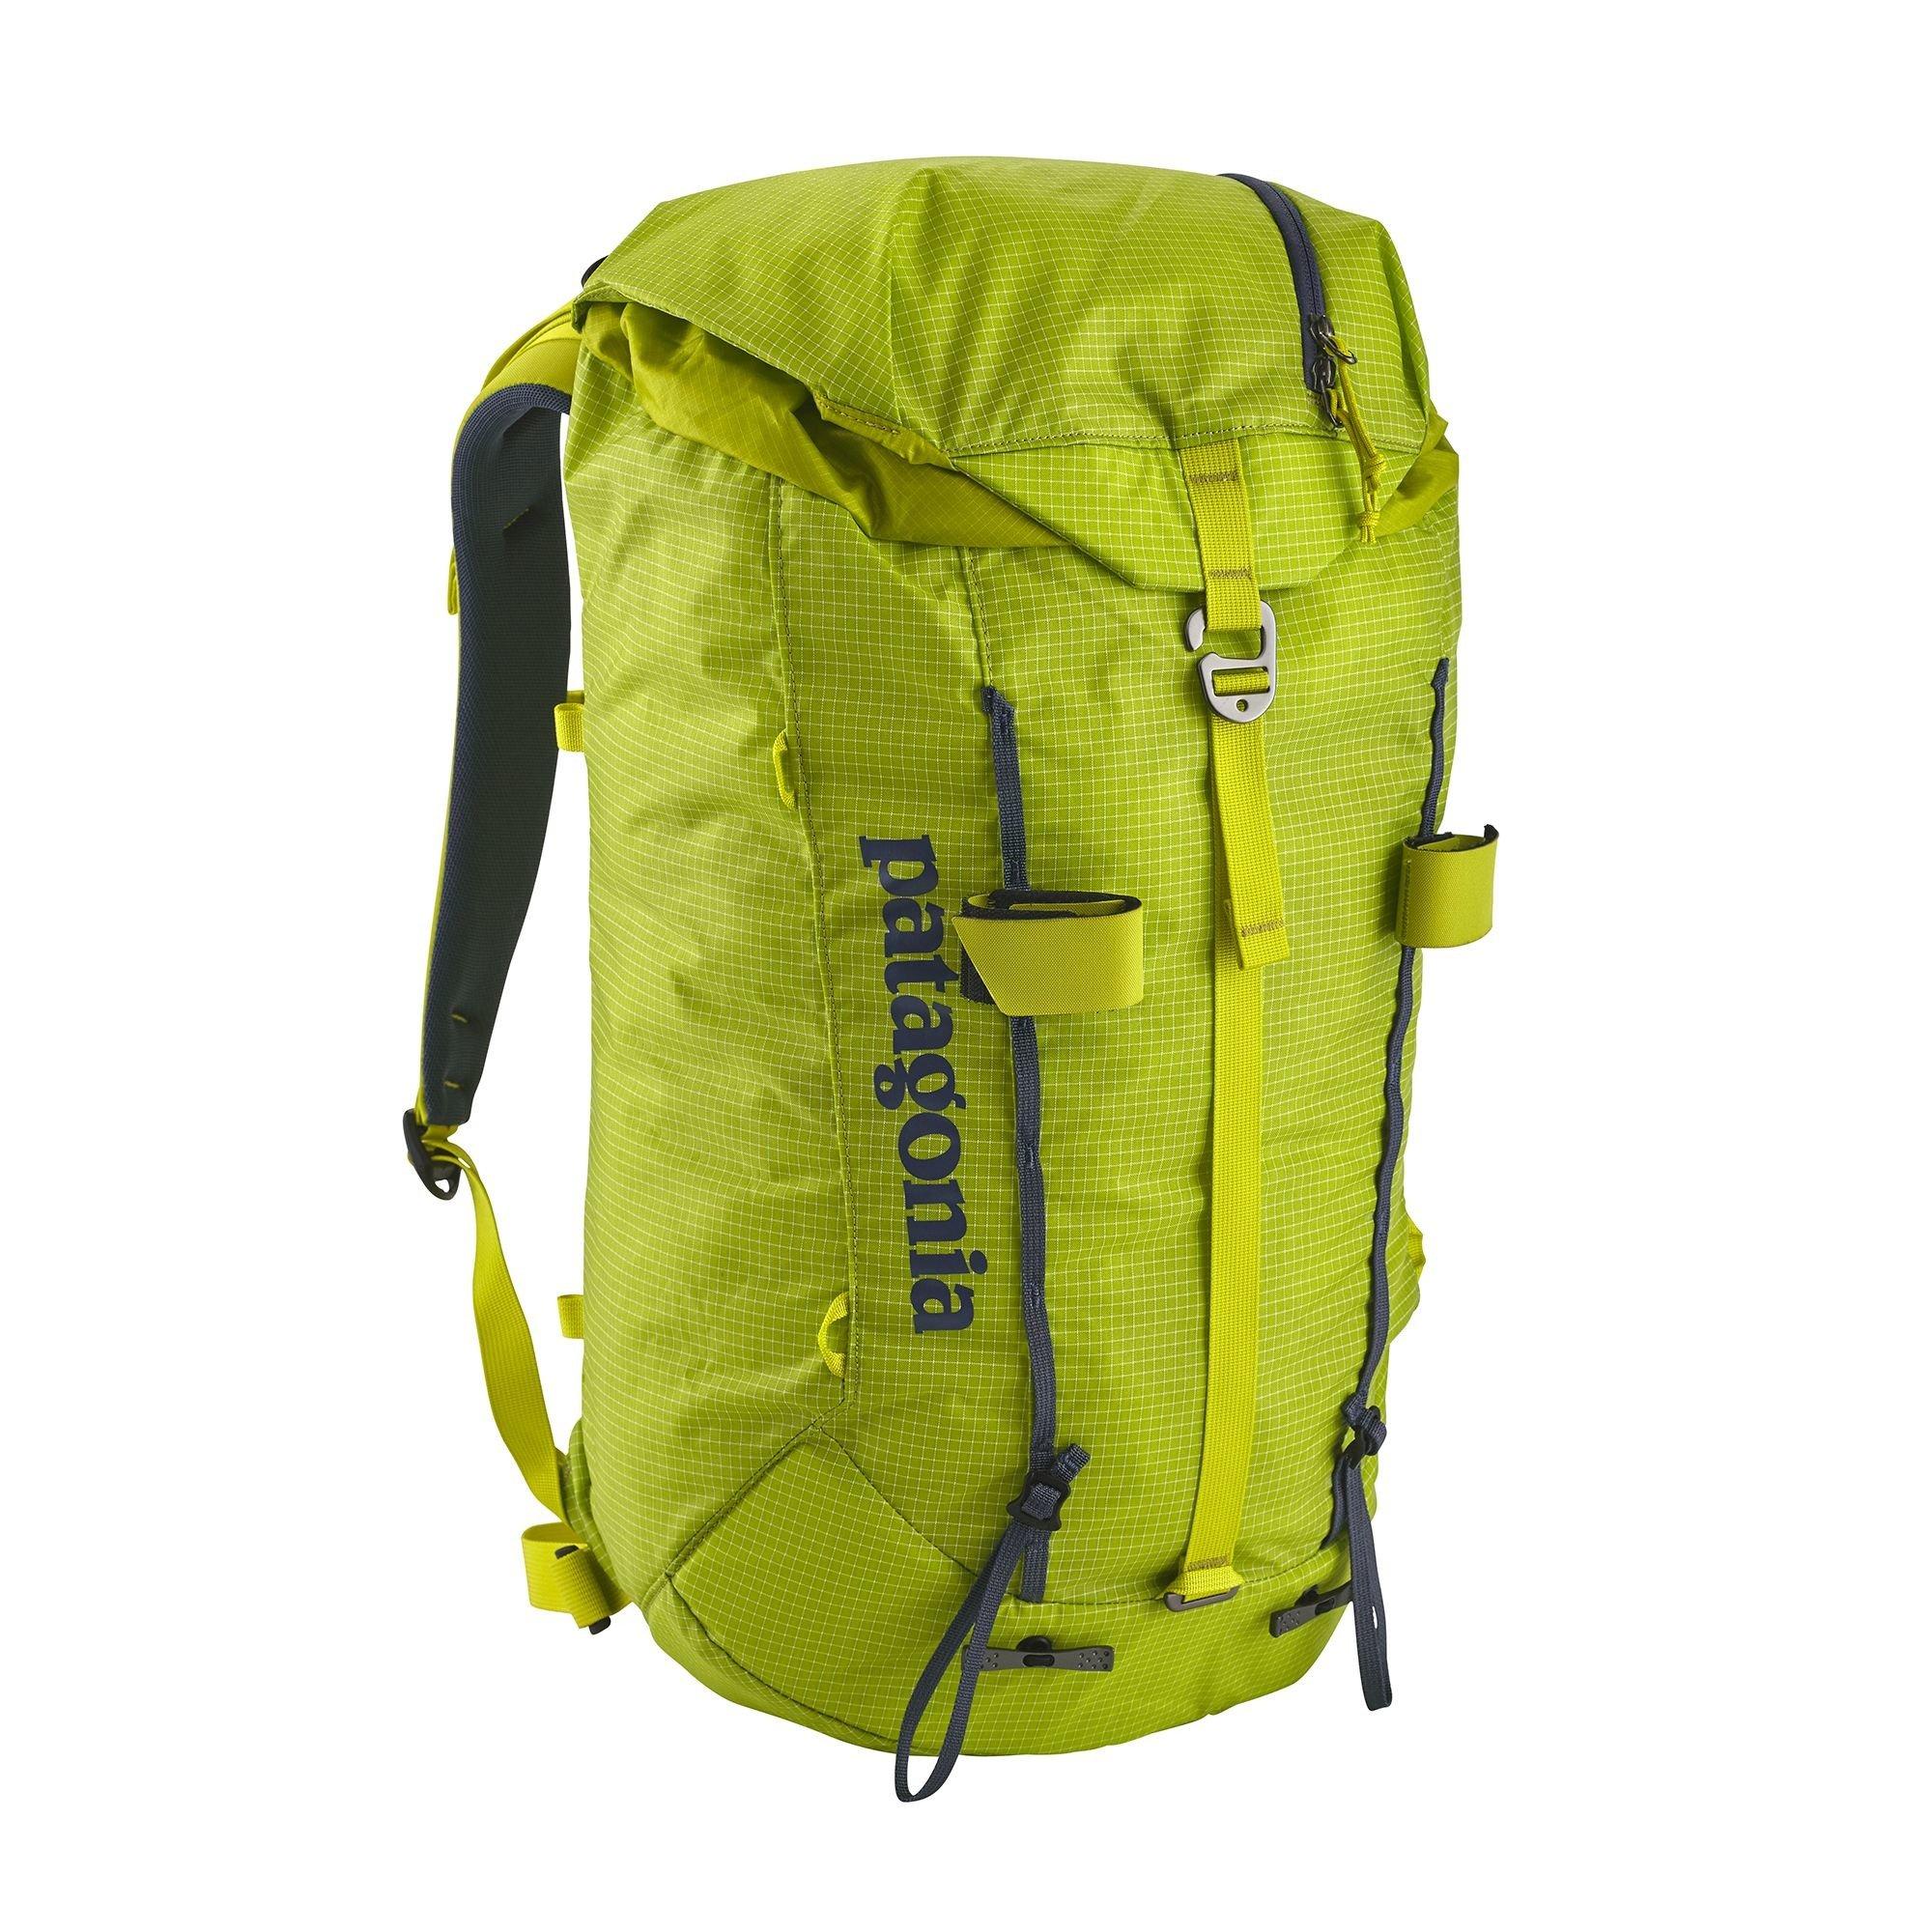 a6b569a33b26a Plecak ASCENSIONIST 30 S - M | podróże i trekking \ plecaki \ małe ...